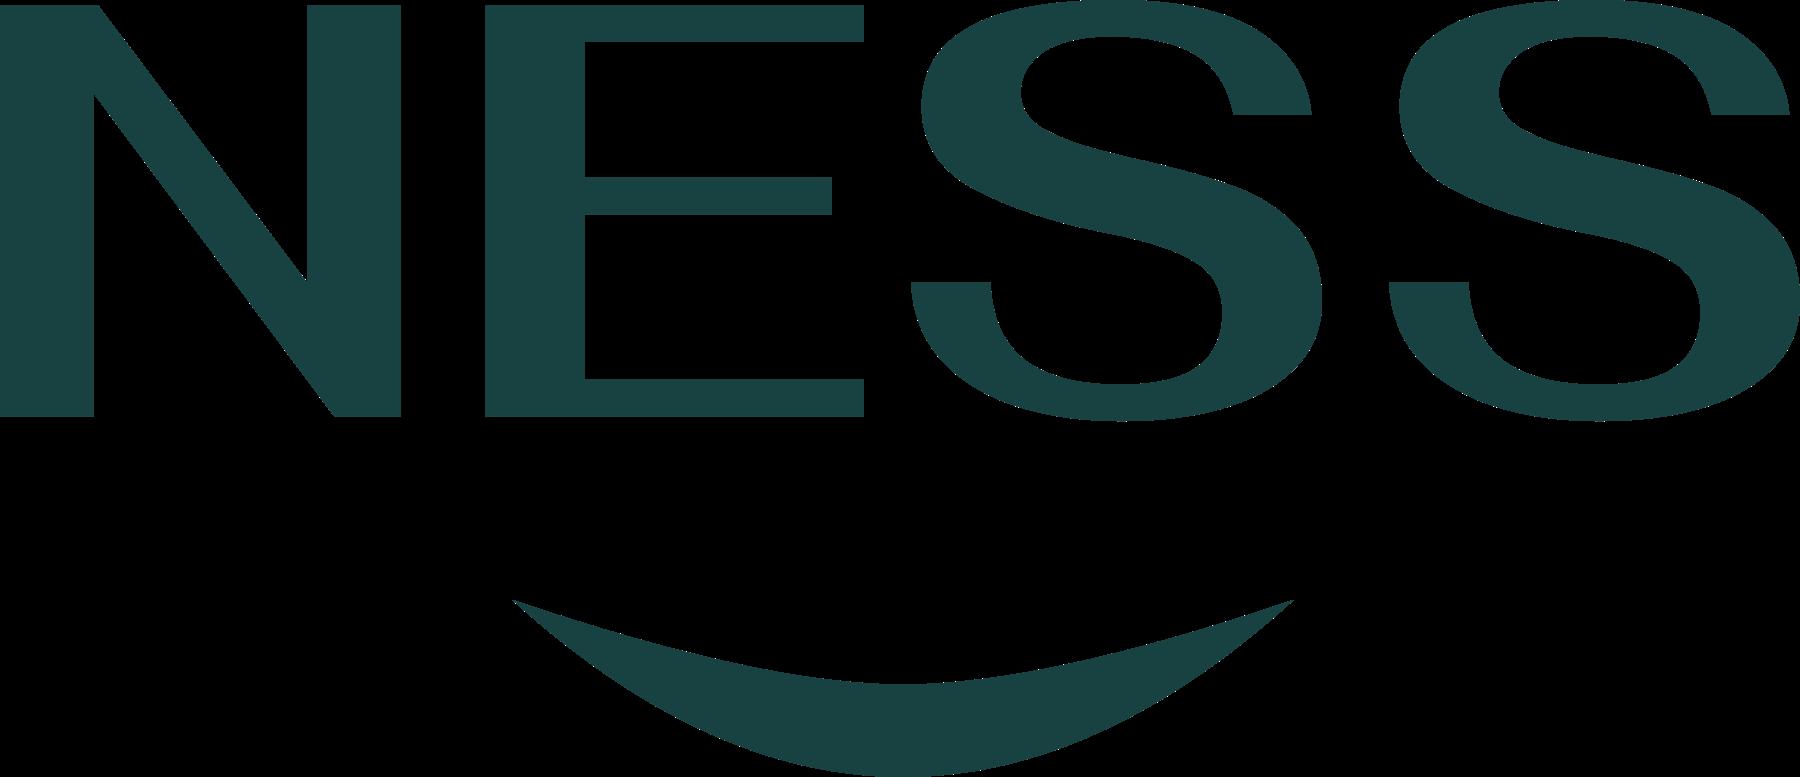 Ness Kleding logo